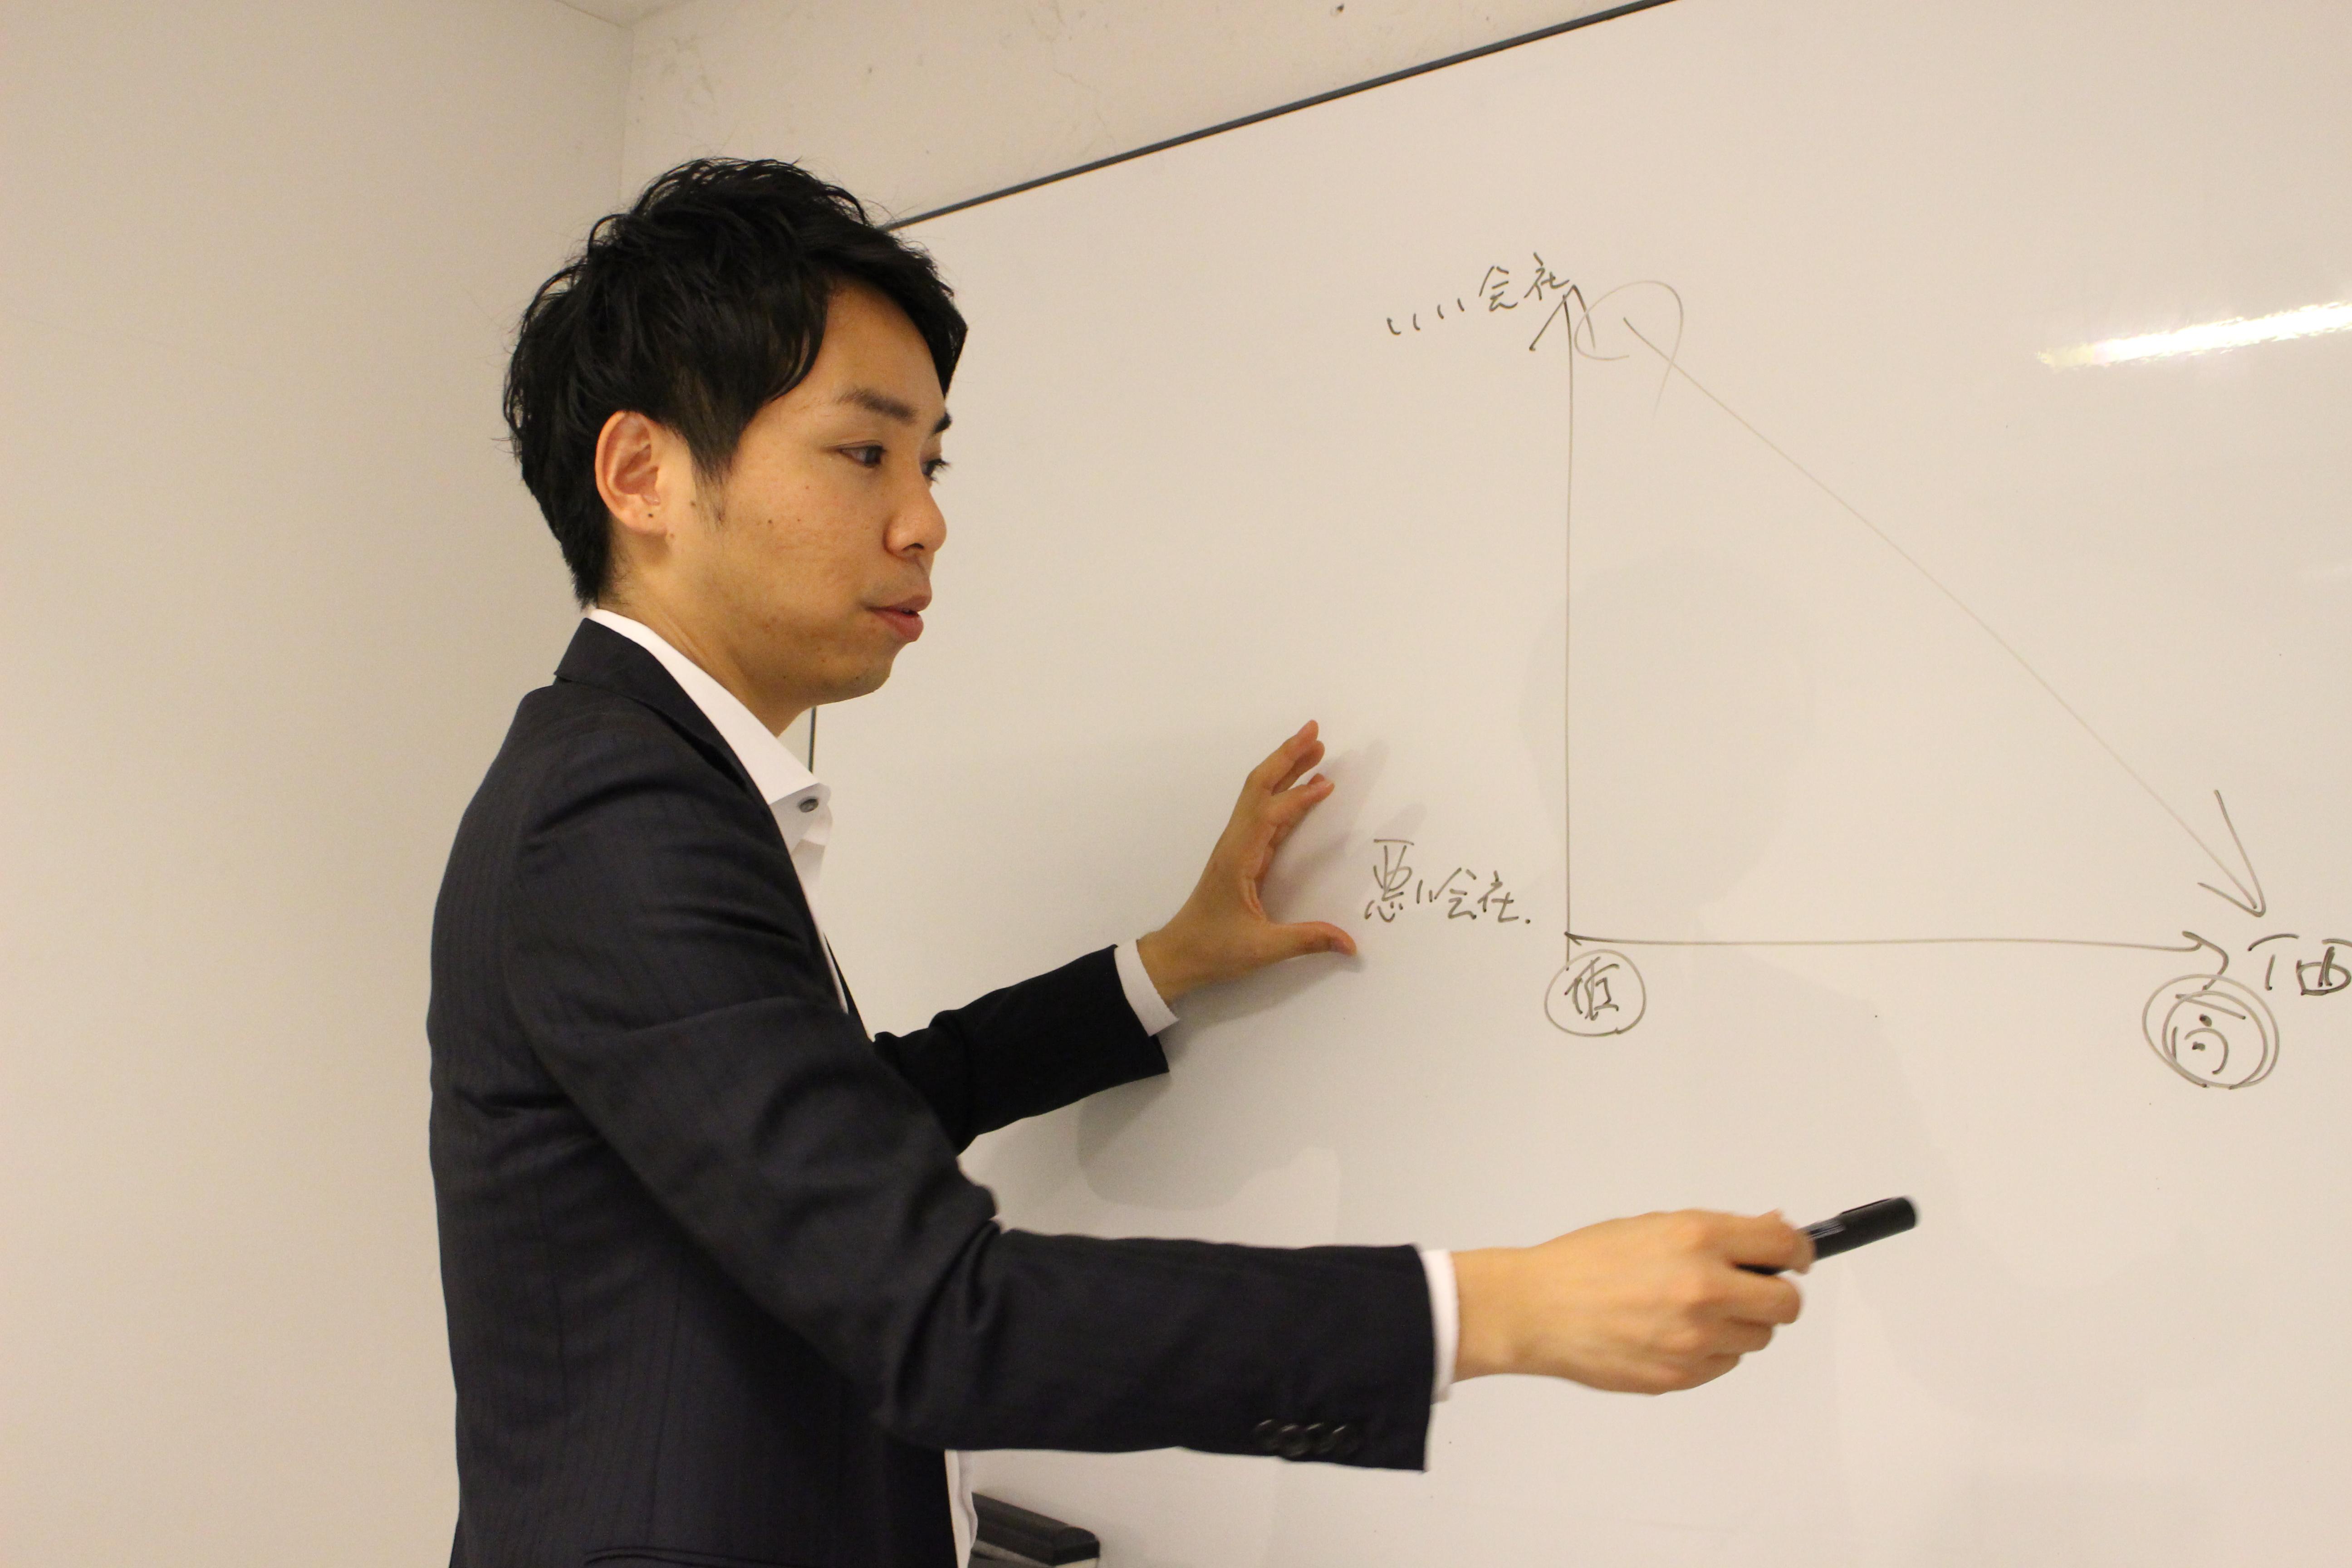 土井一真さんのインタビュー写真3